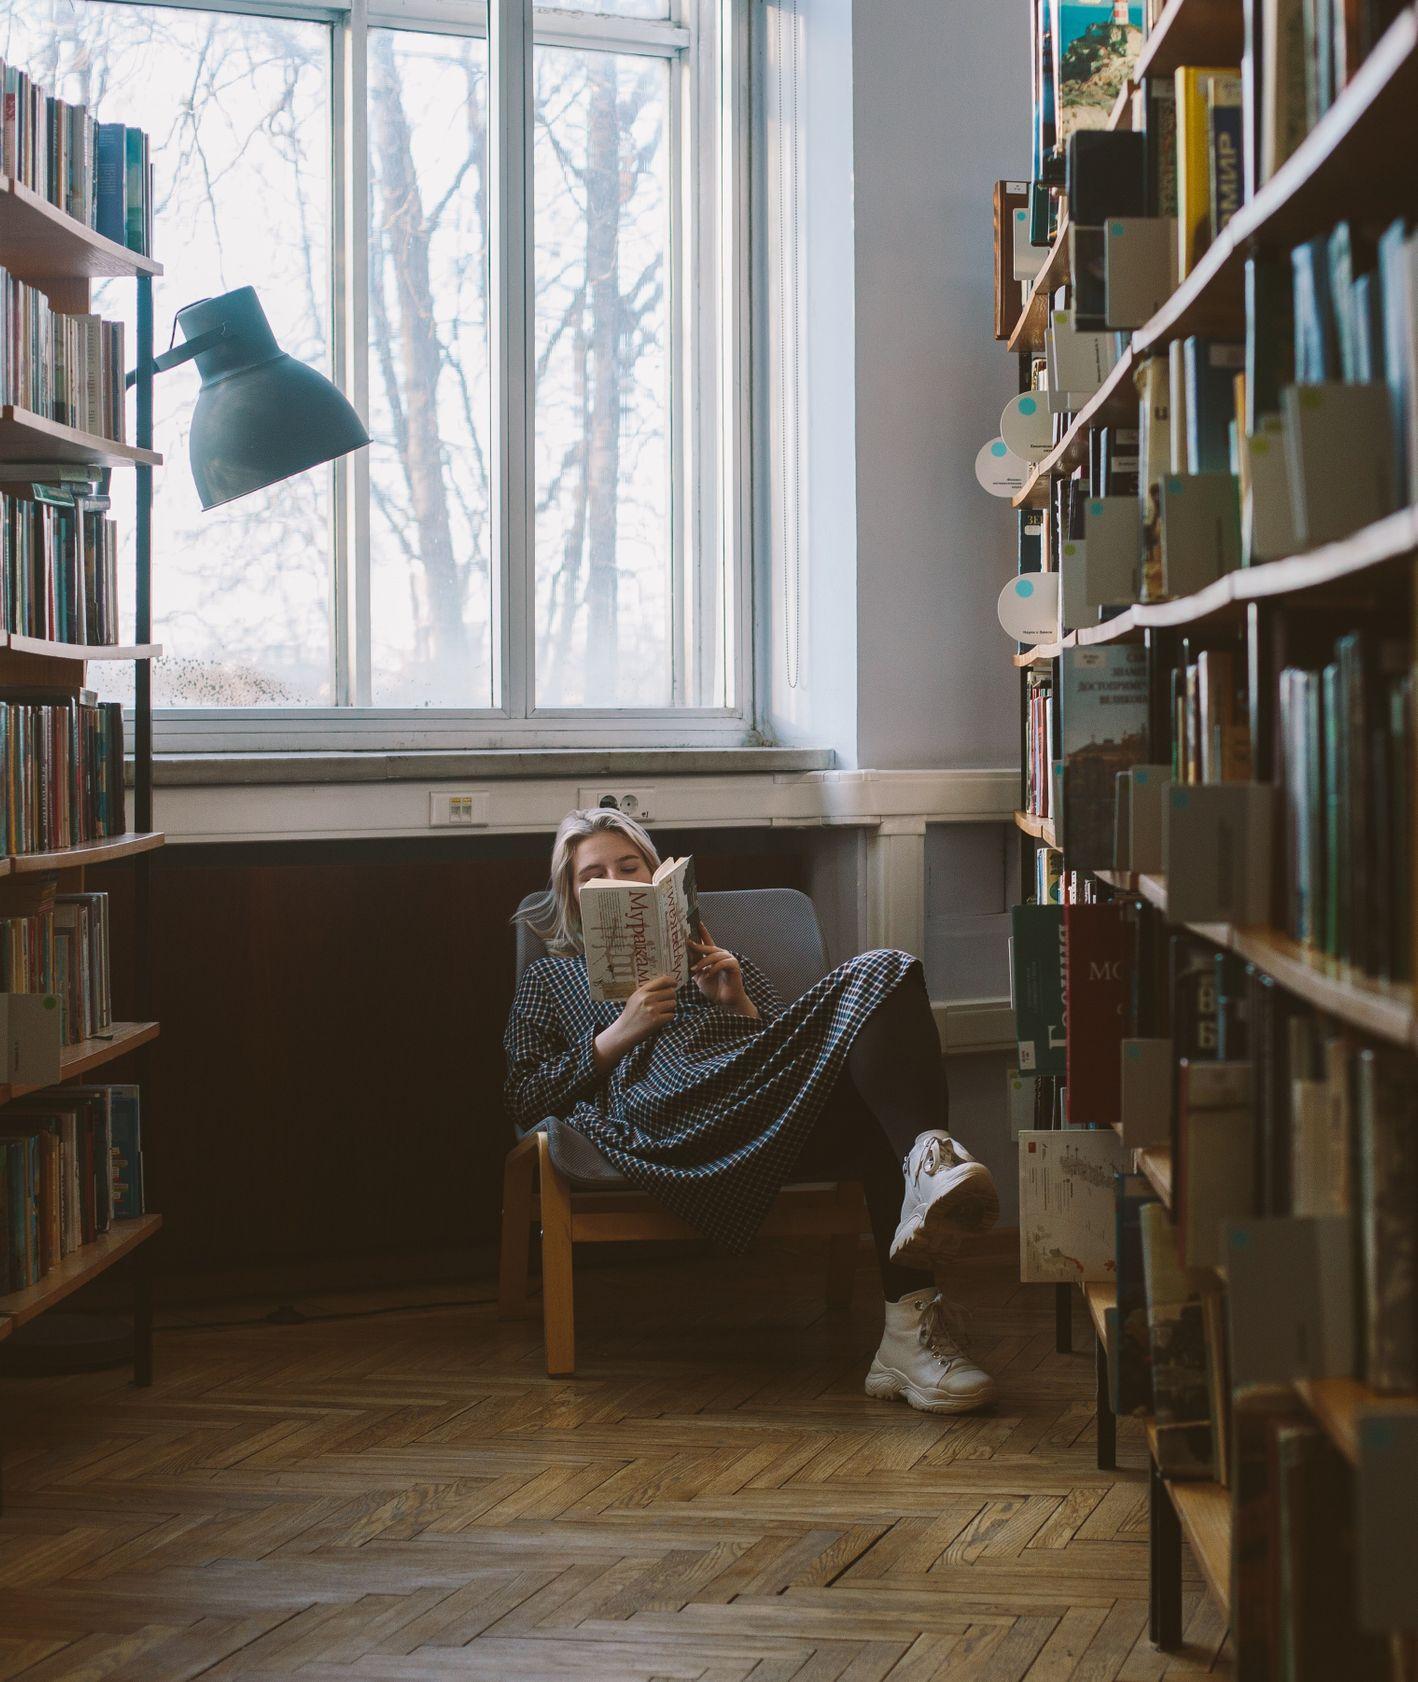 Kobieta czyta książkę w fotelu przy oknie (fot. Polina Zimmerman)